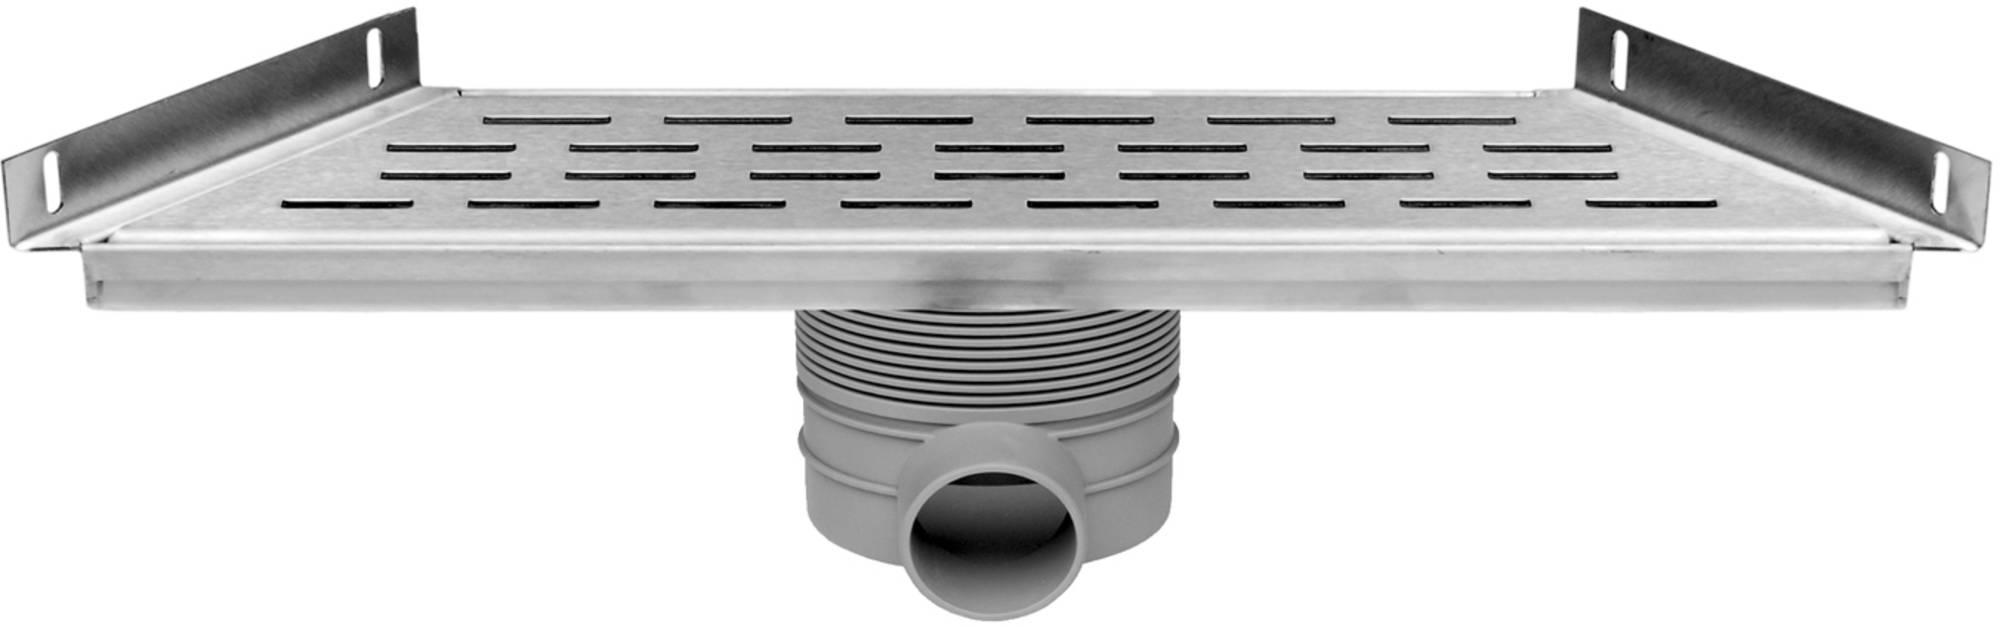 Easy Drain Multi trapezium goot 30x48,5x9,8 cm zijuitlaat RVS